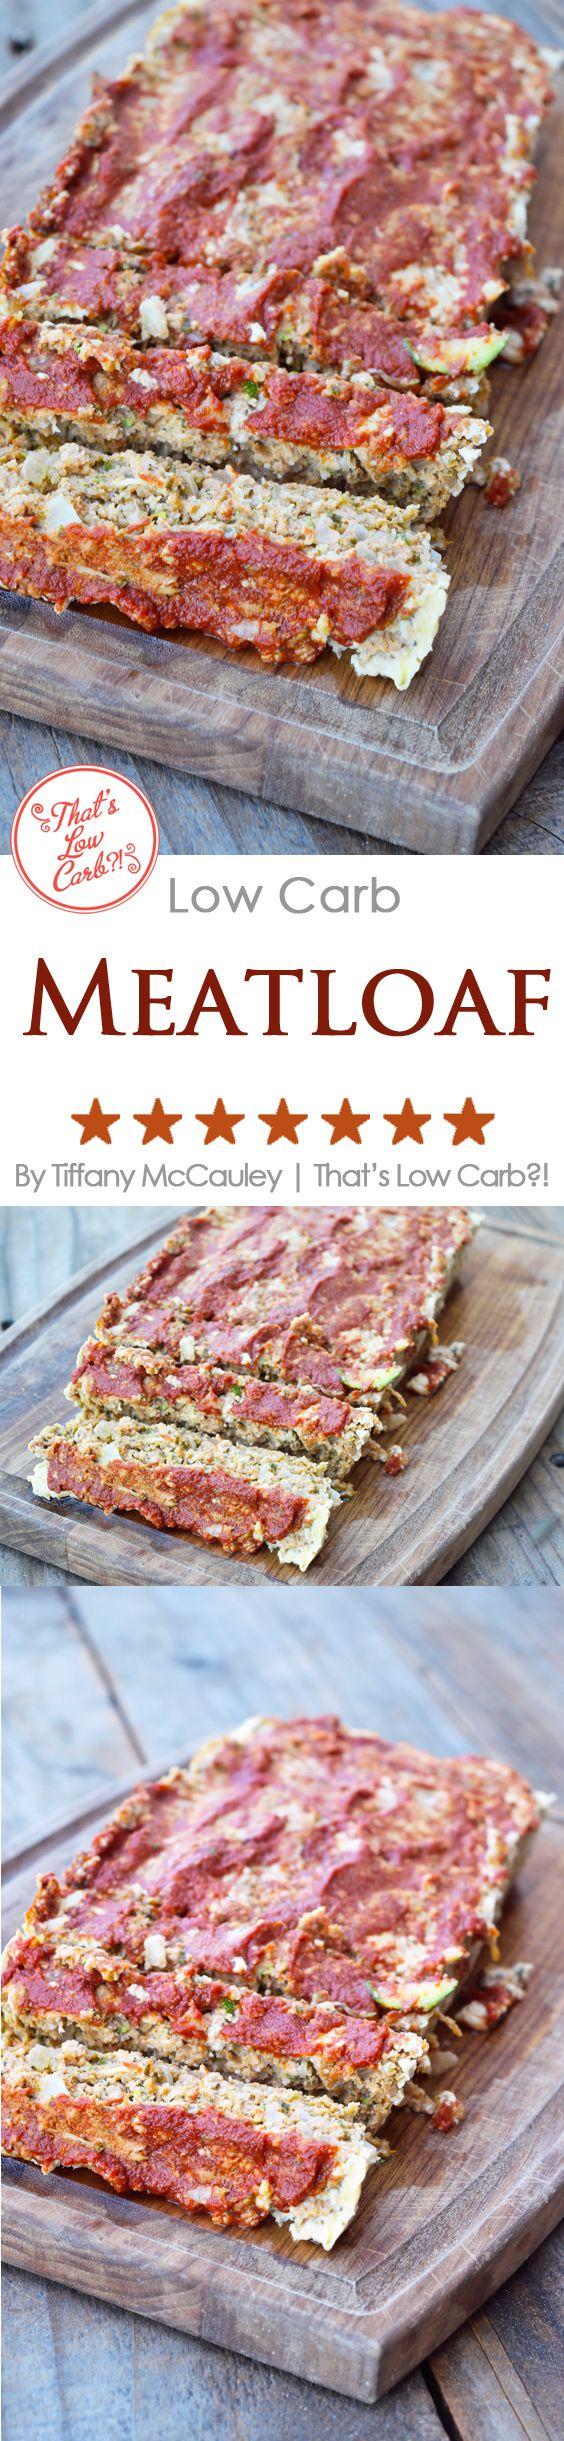 Low Carb Recipes | Low Carb Meatloaf | Meatloaf Recipes | Best Meatloaf Recipe ~ https://www.thatslowcarb.com